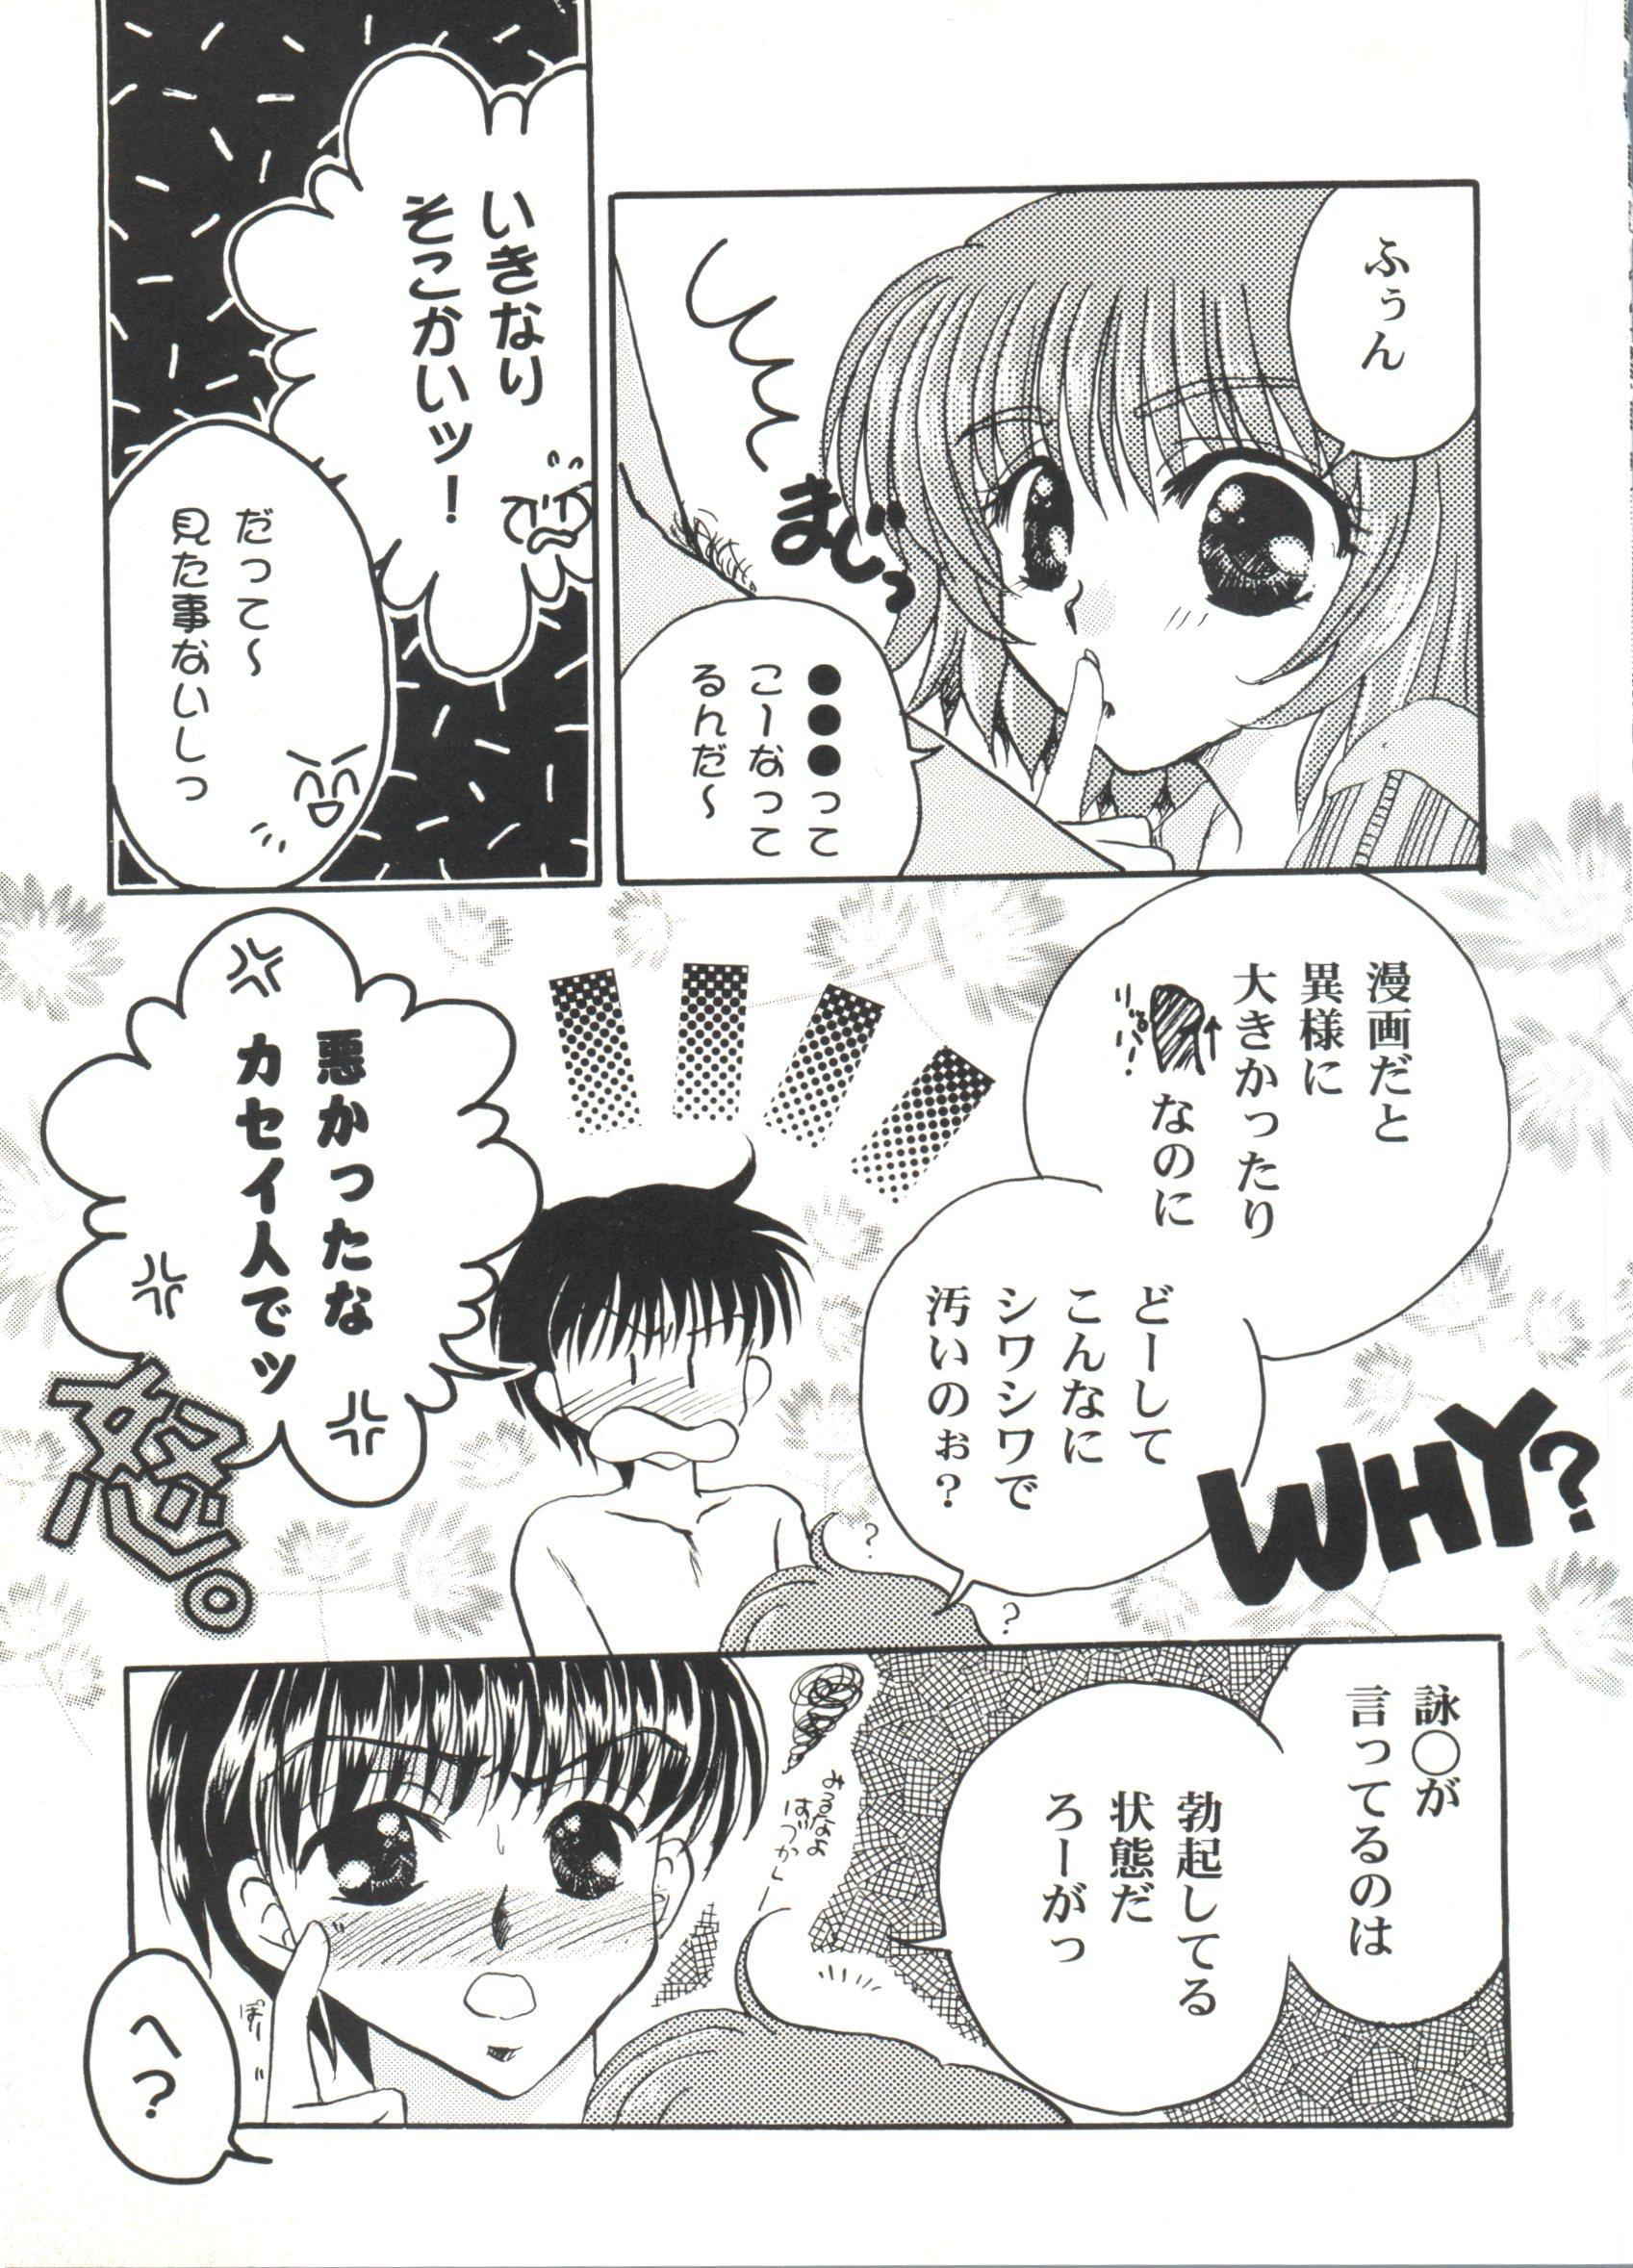 Bishoujo Doujinshi Anthology Cute 5 73